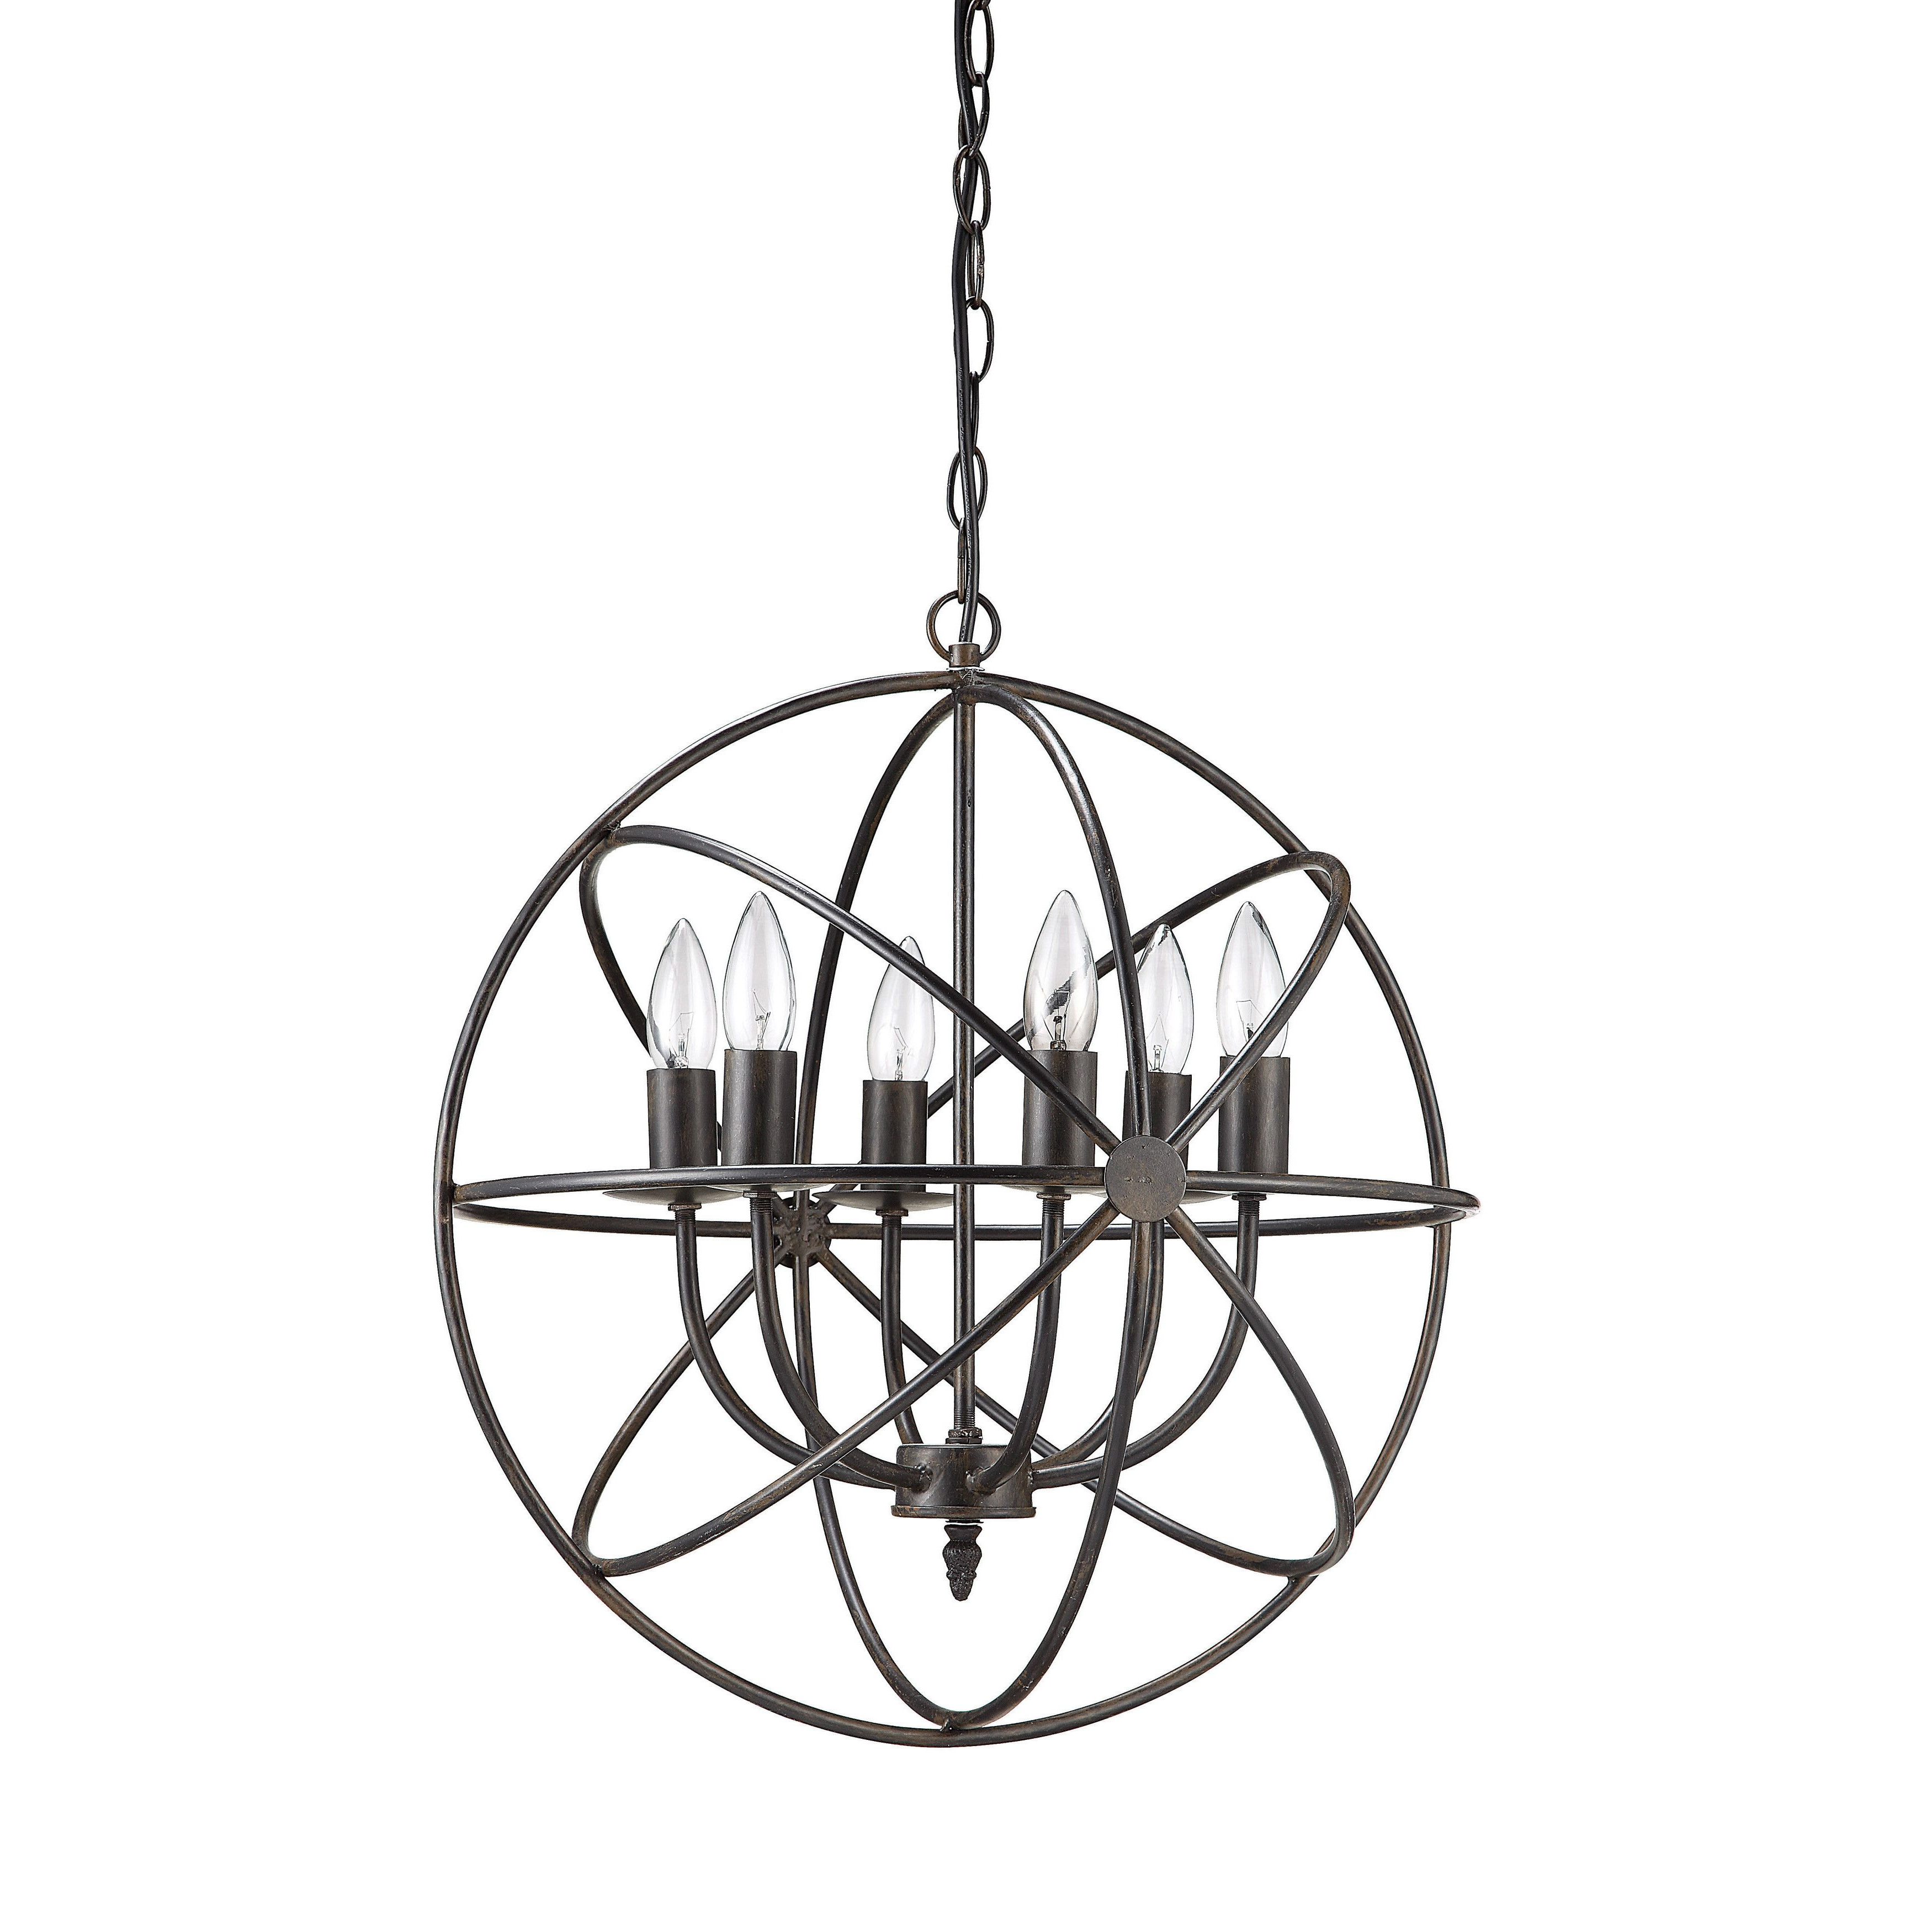 Gregoire 6 Light Globe Chandeliers With Regard To Recent $169.99 Creative Co Op Haven 6 Light Chandelier (Gallery 11 of 20)